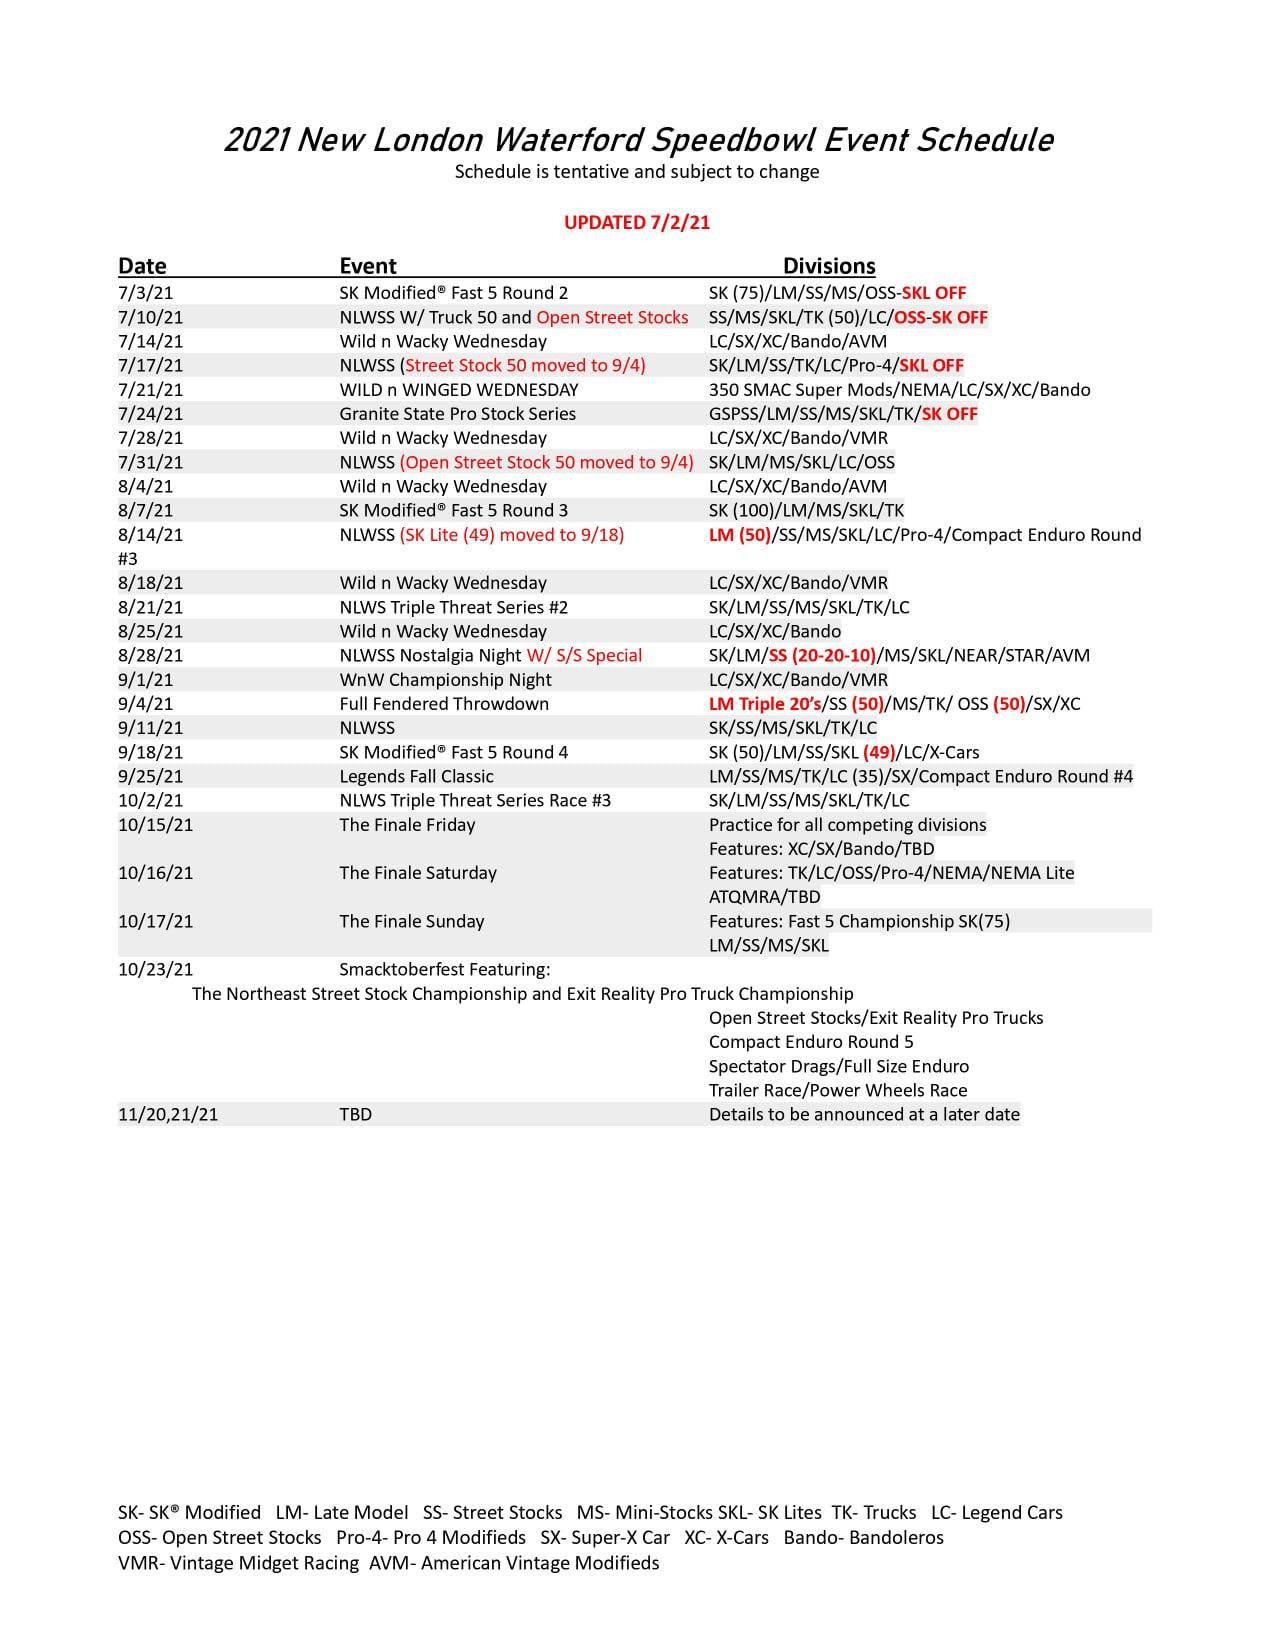 2021 New London Waterford Speedbowl Event Schedule (Updated)